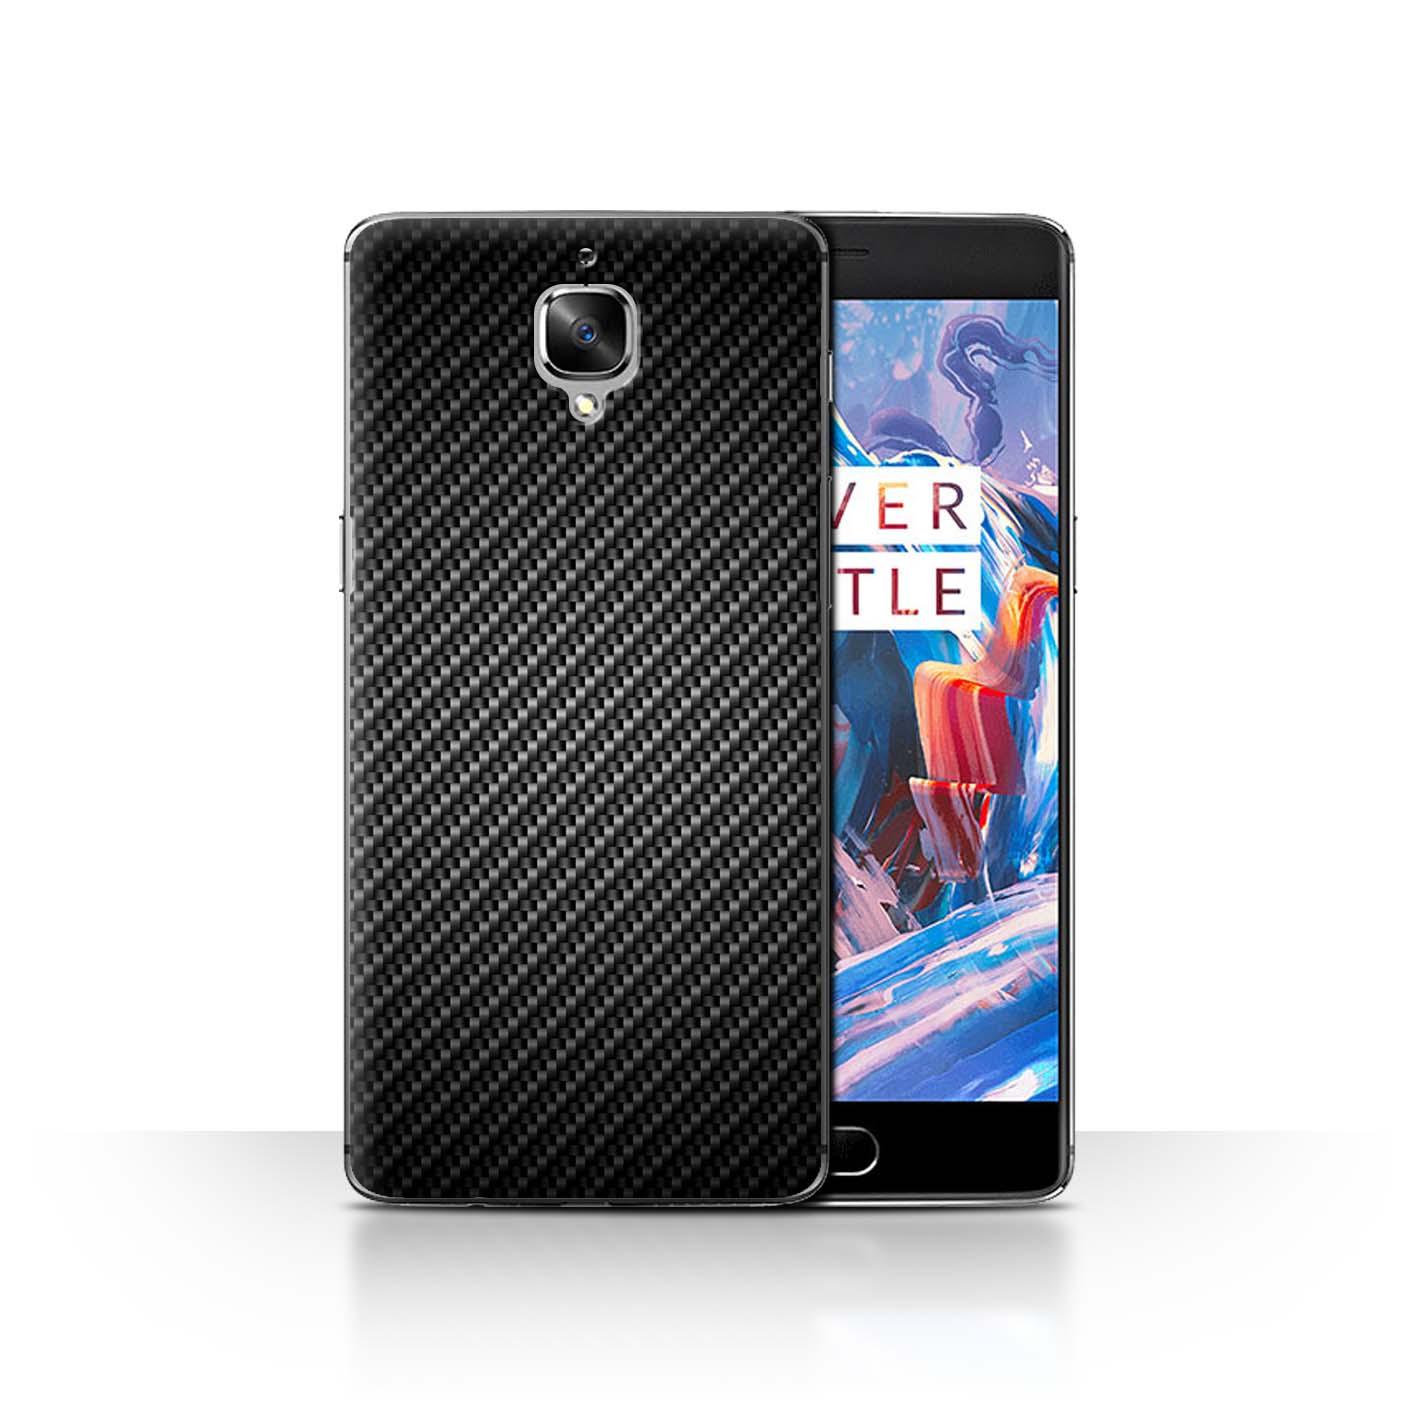 STUFF4-etui-pour-telePhone-coque-arriere-un-plus-3-Effet-De-Fibre-Carbone-Motif